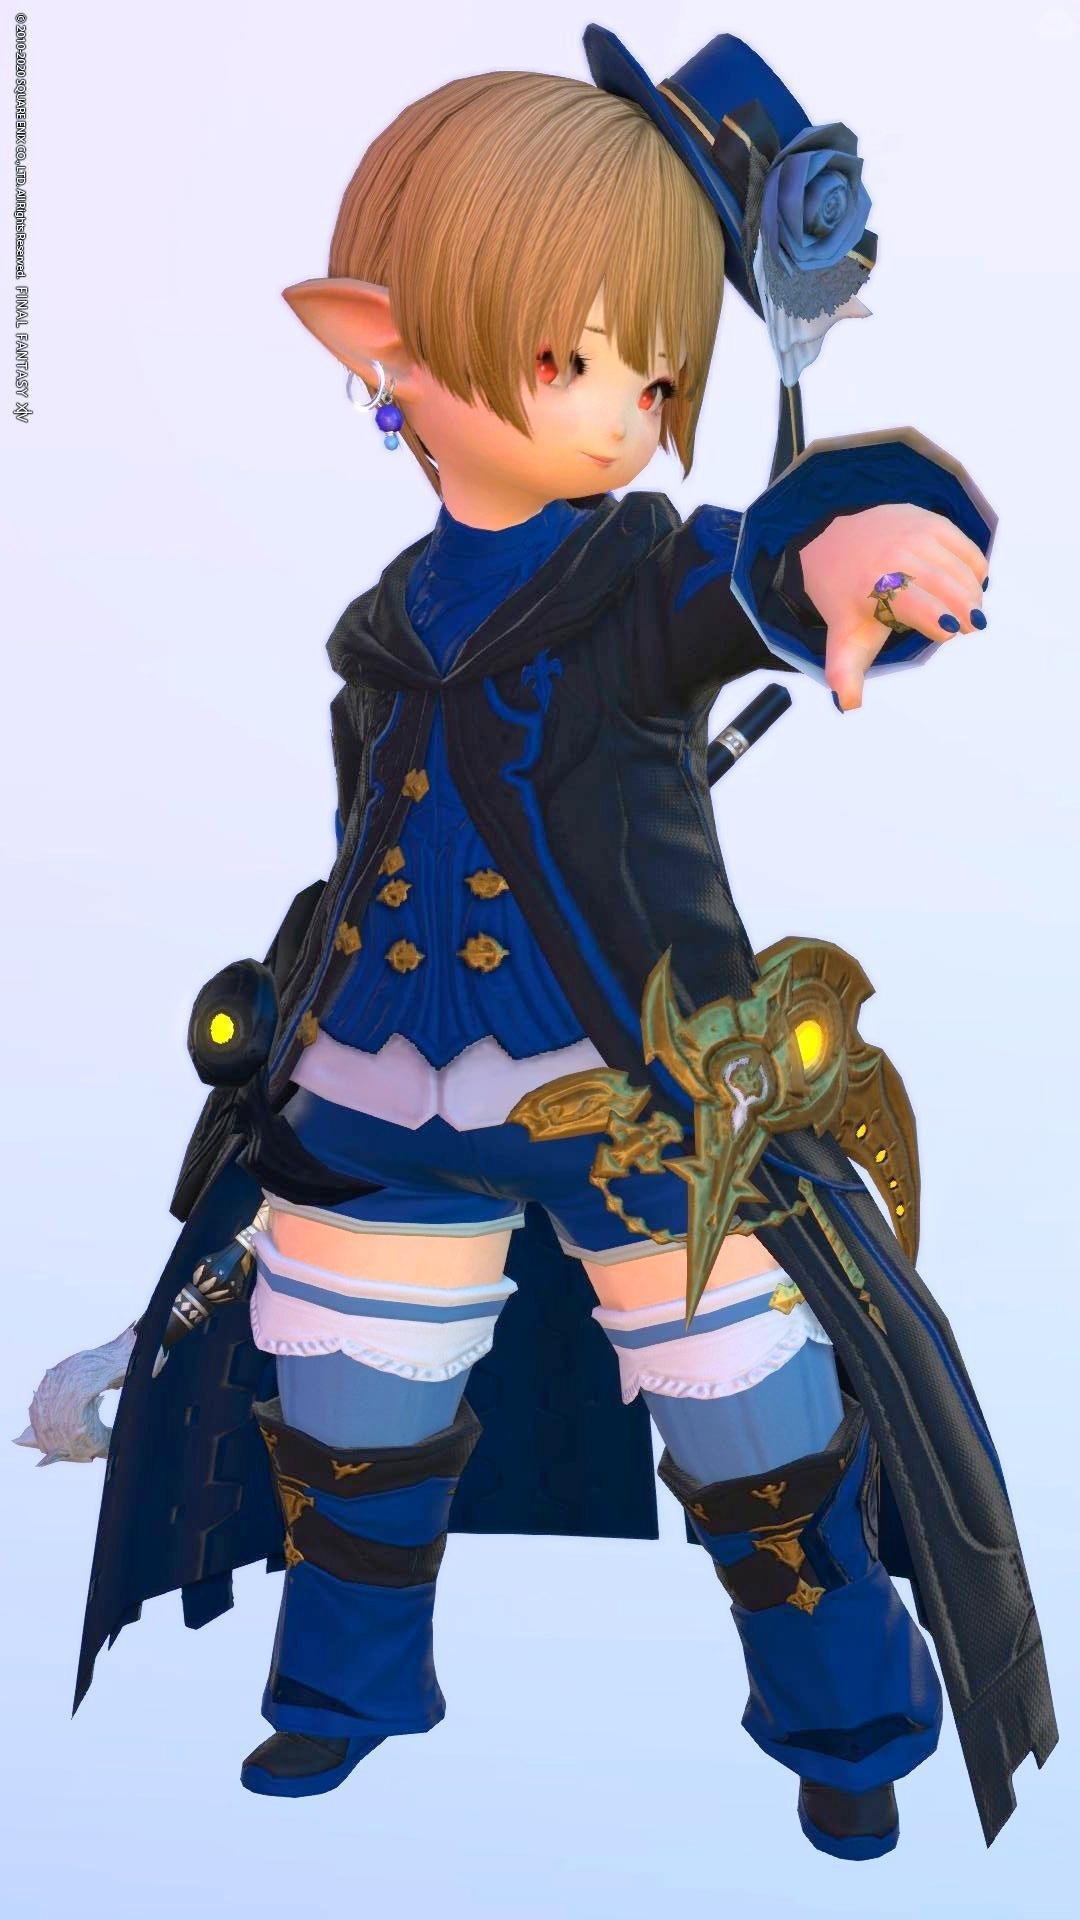 瑠璃紺の魔道士